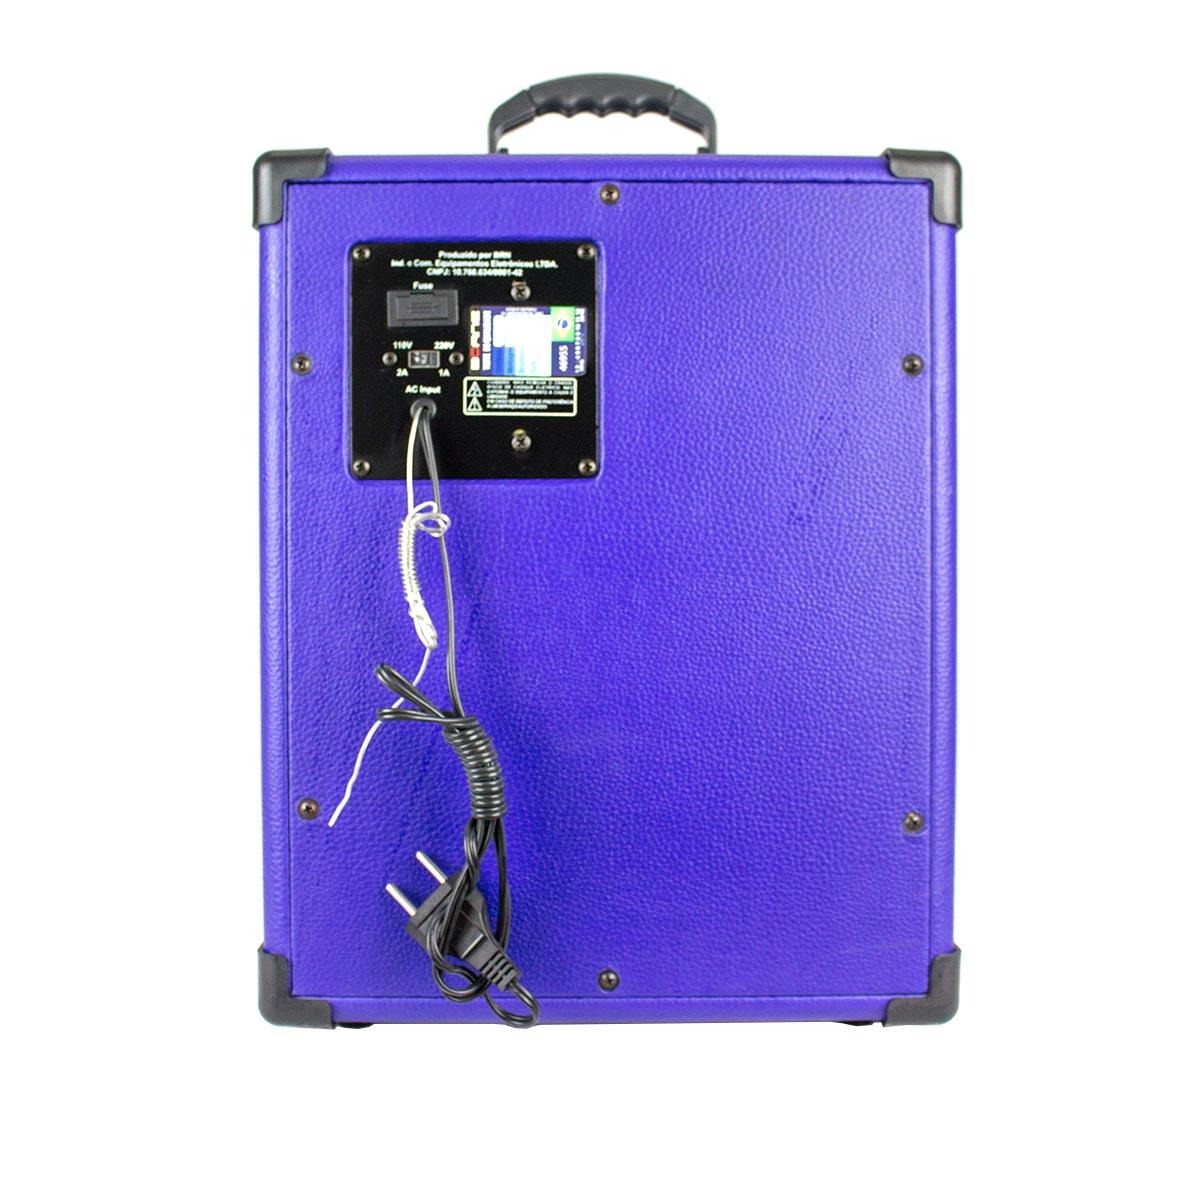 Cubo Multiuso Fal 6,5 Pol 40W c/ USB / Bluetooth - V 160 BT Borne